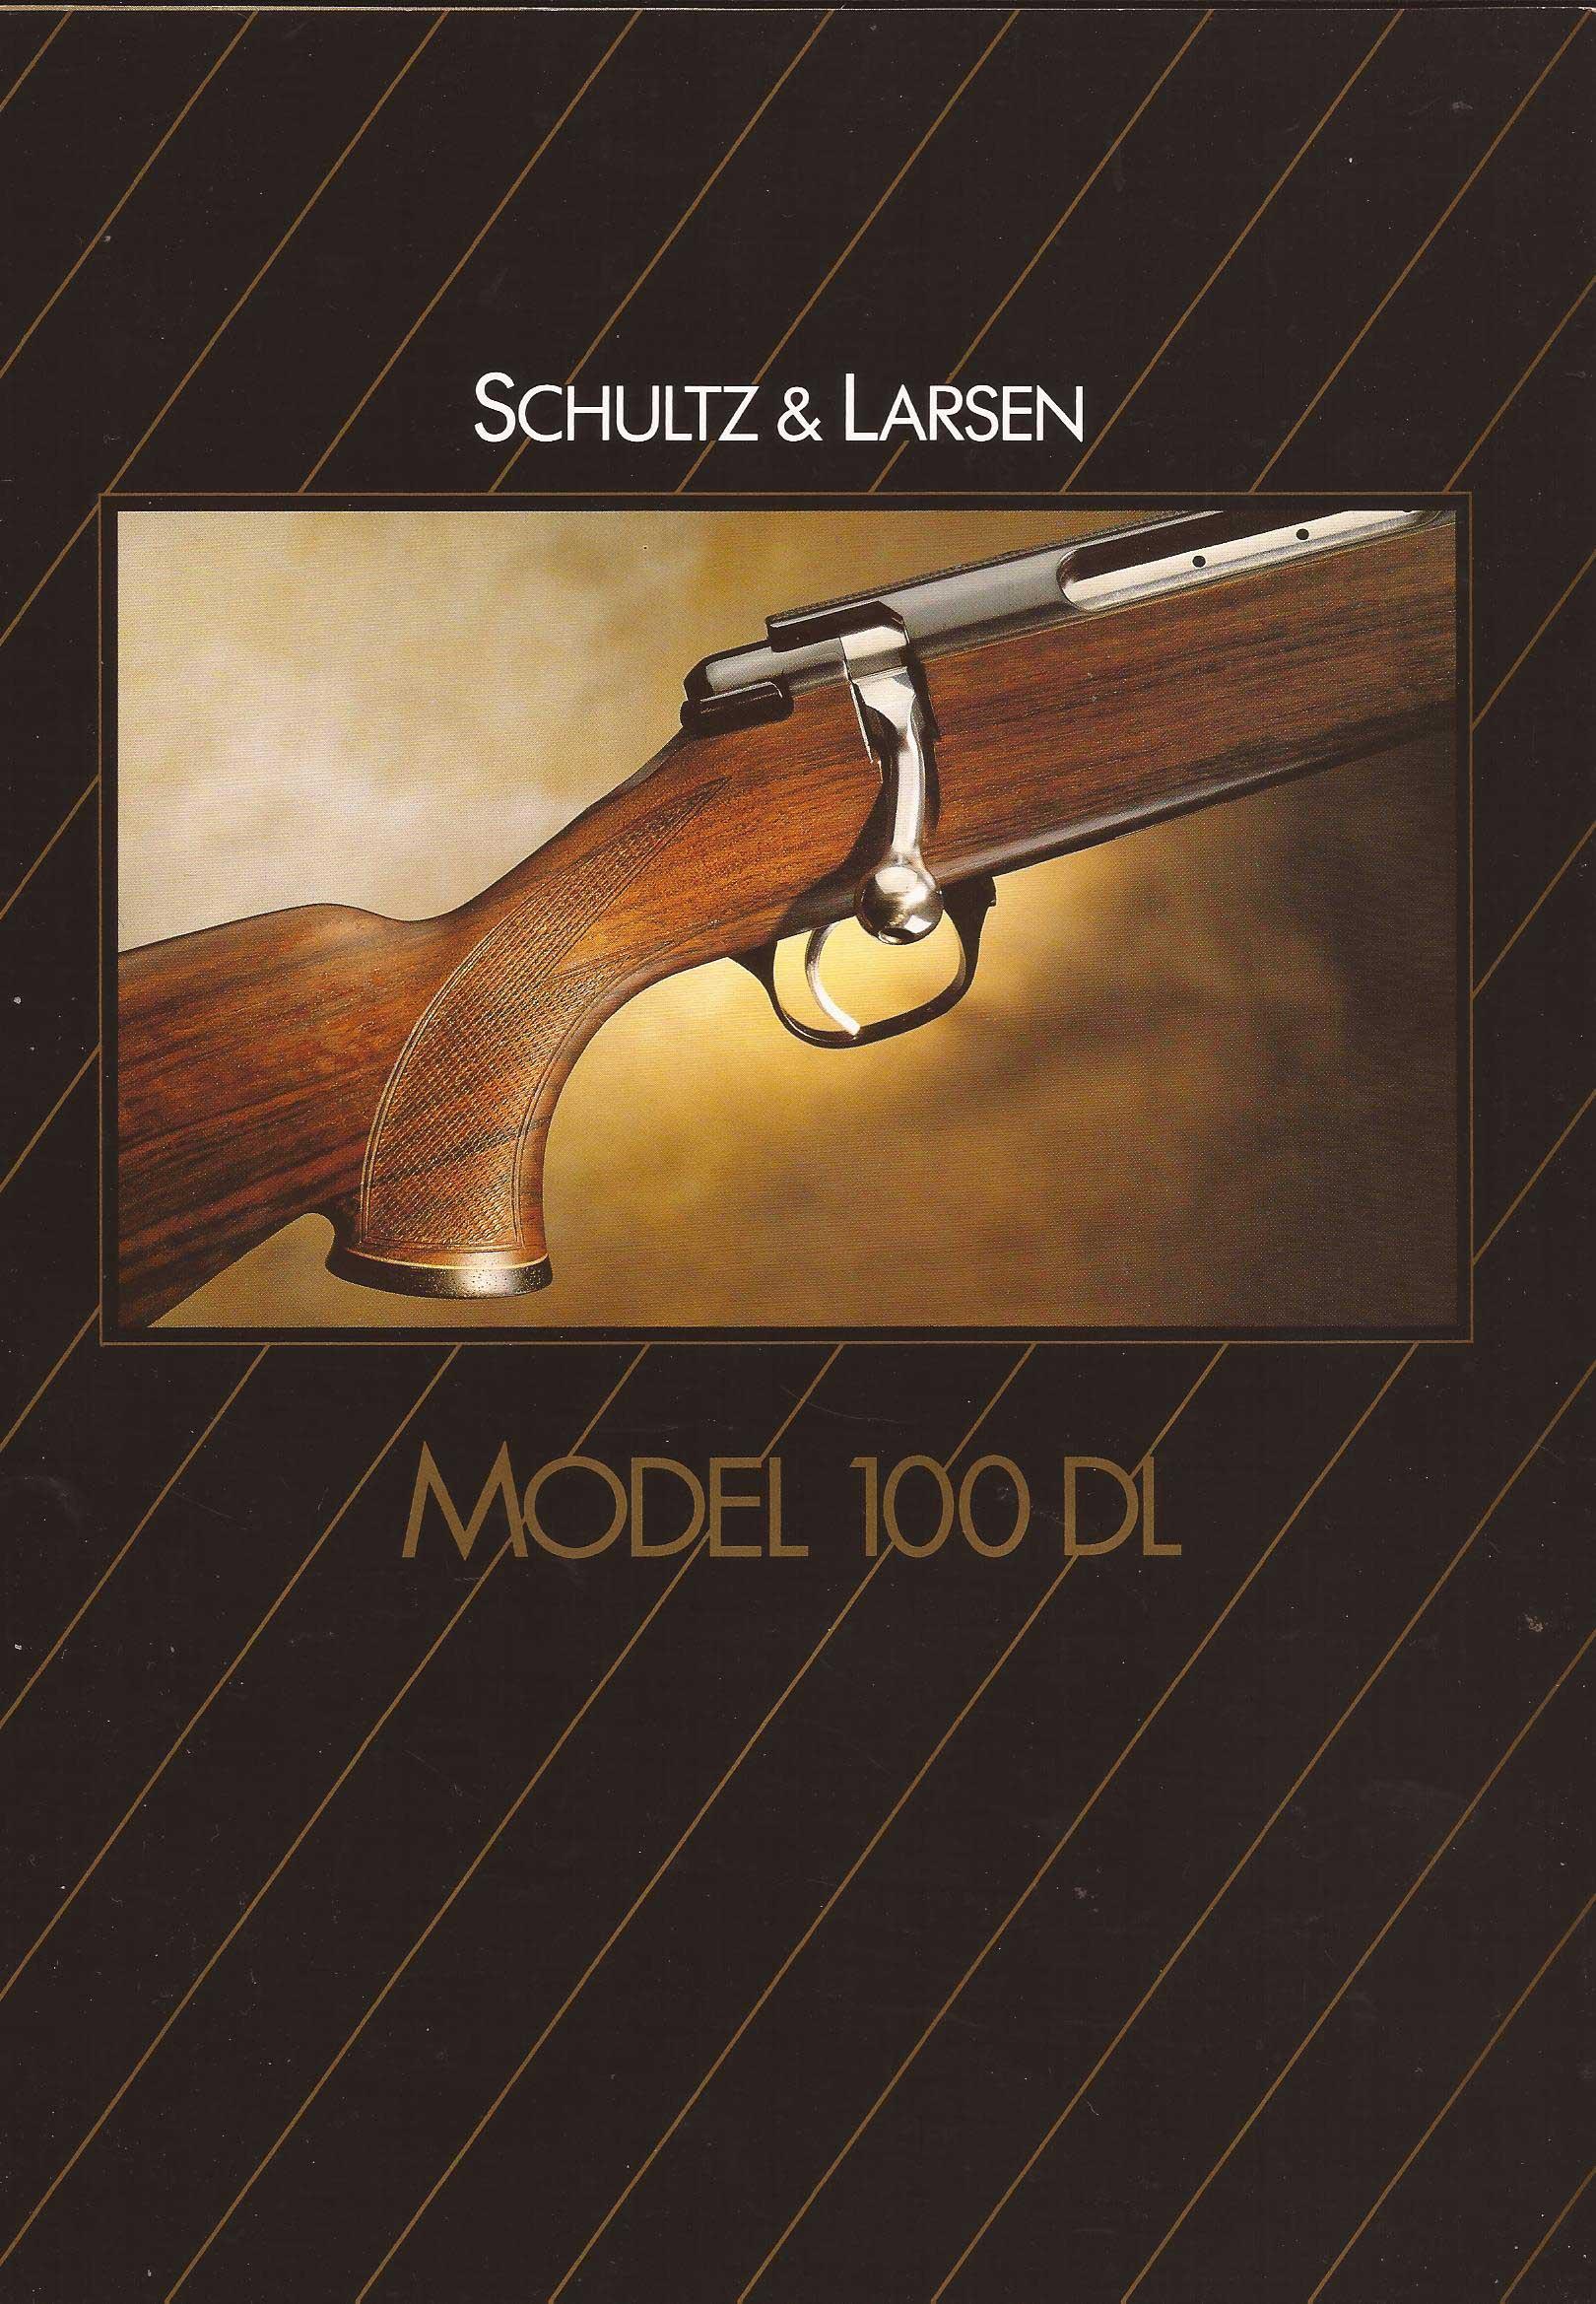 Model 100DL reklame s1